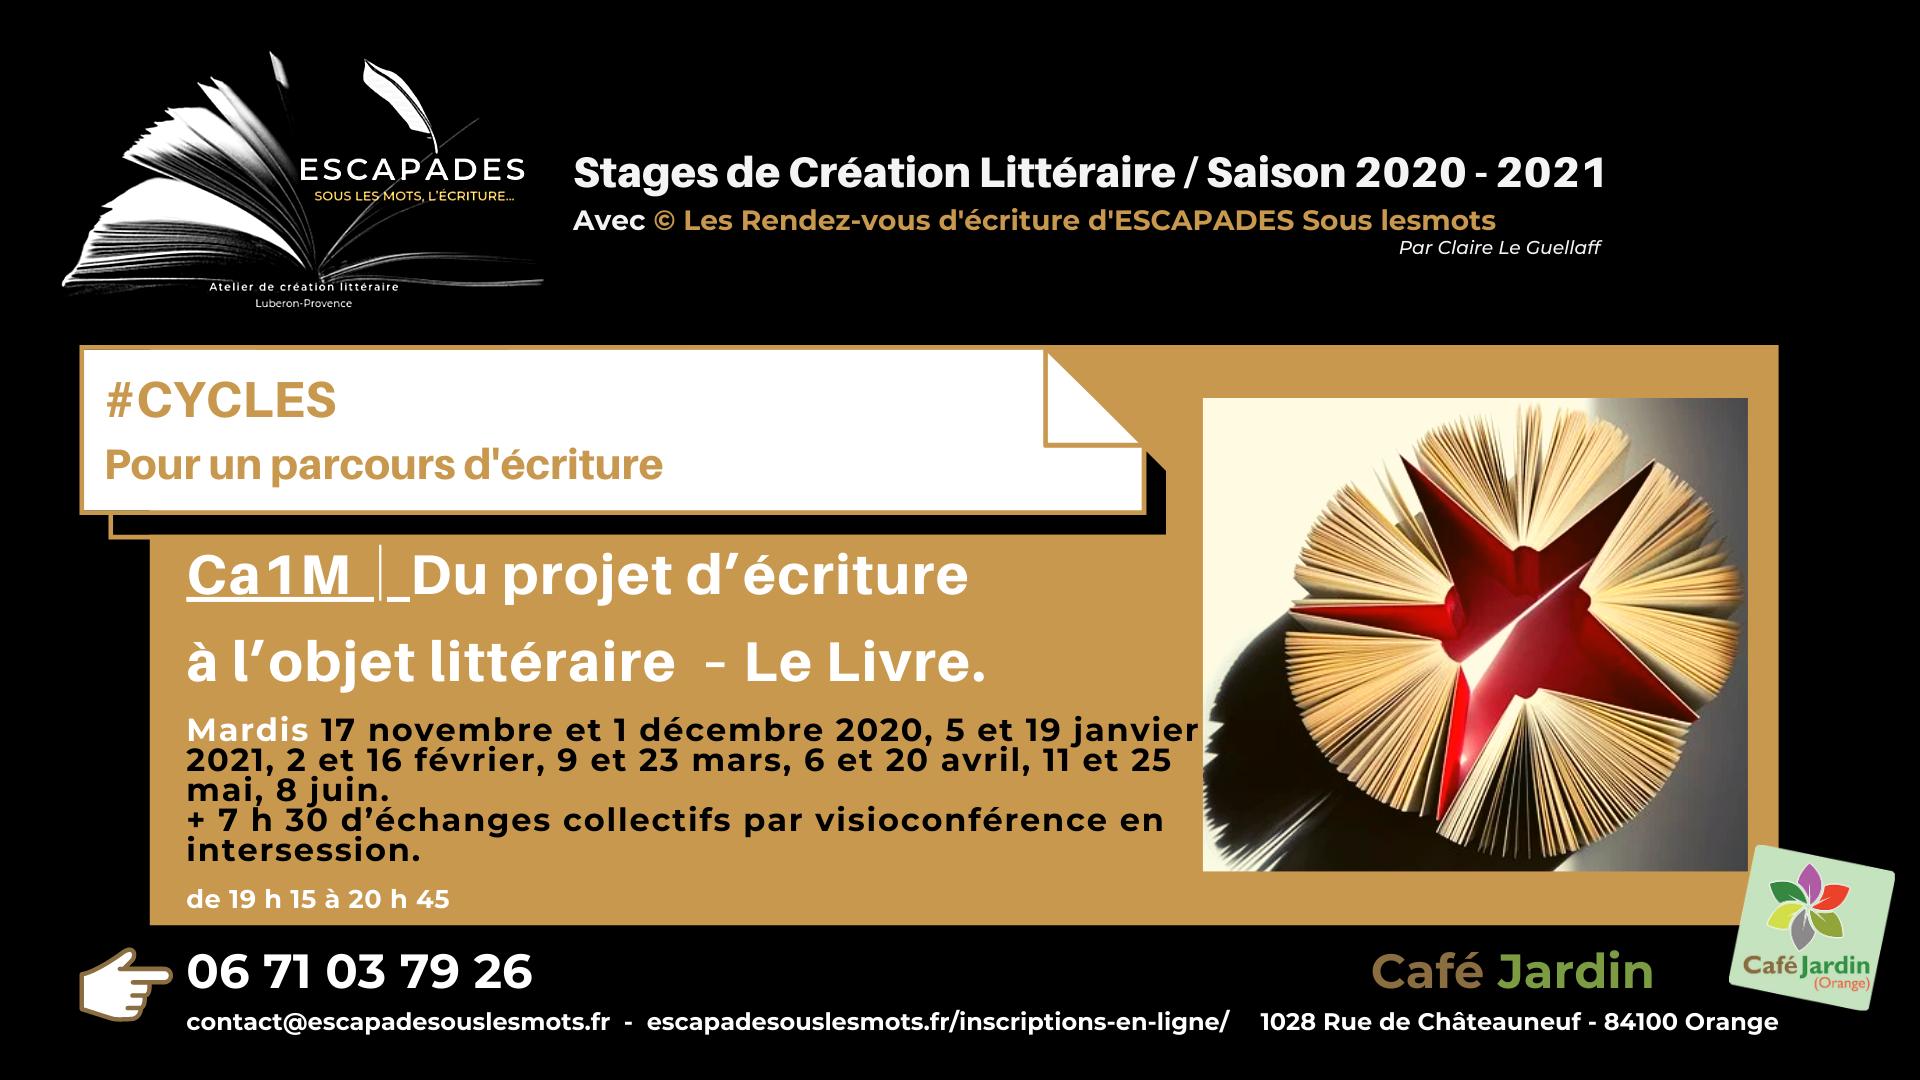 """#CYCLES et accompagnement semi-individuel : """"Du projet d'écriture à l'objet littéraire – Le Livre."""" Du 17 novembre 2020 au 8 juin 2021"""